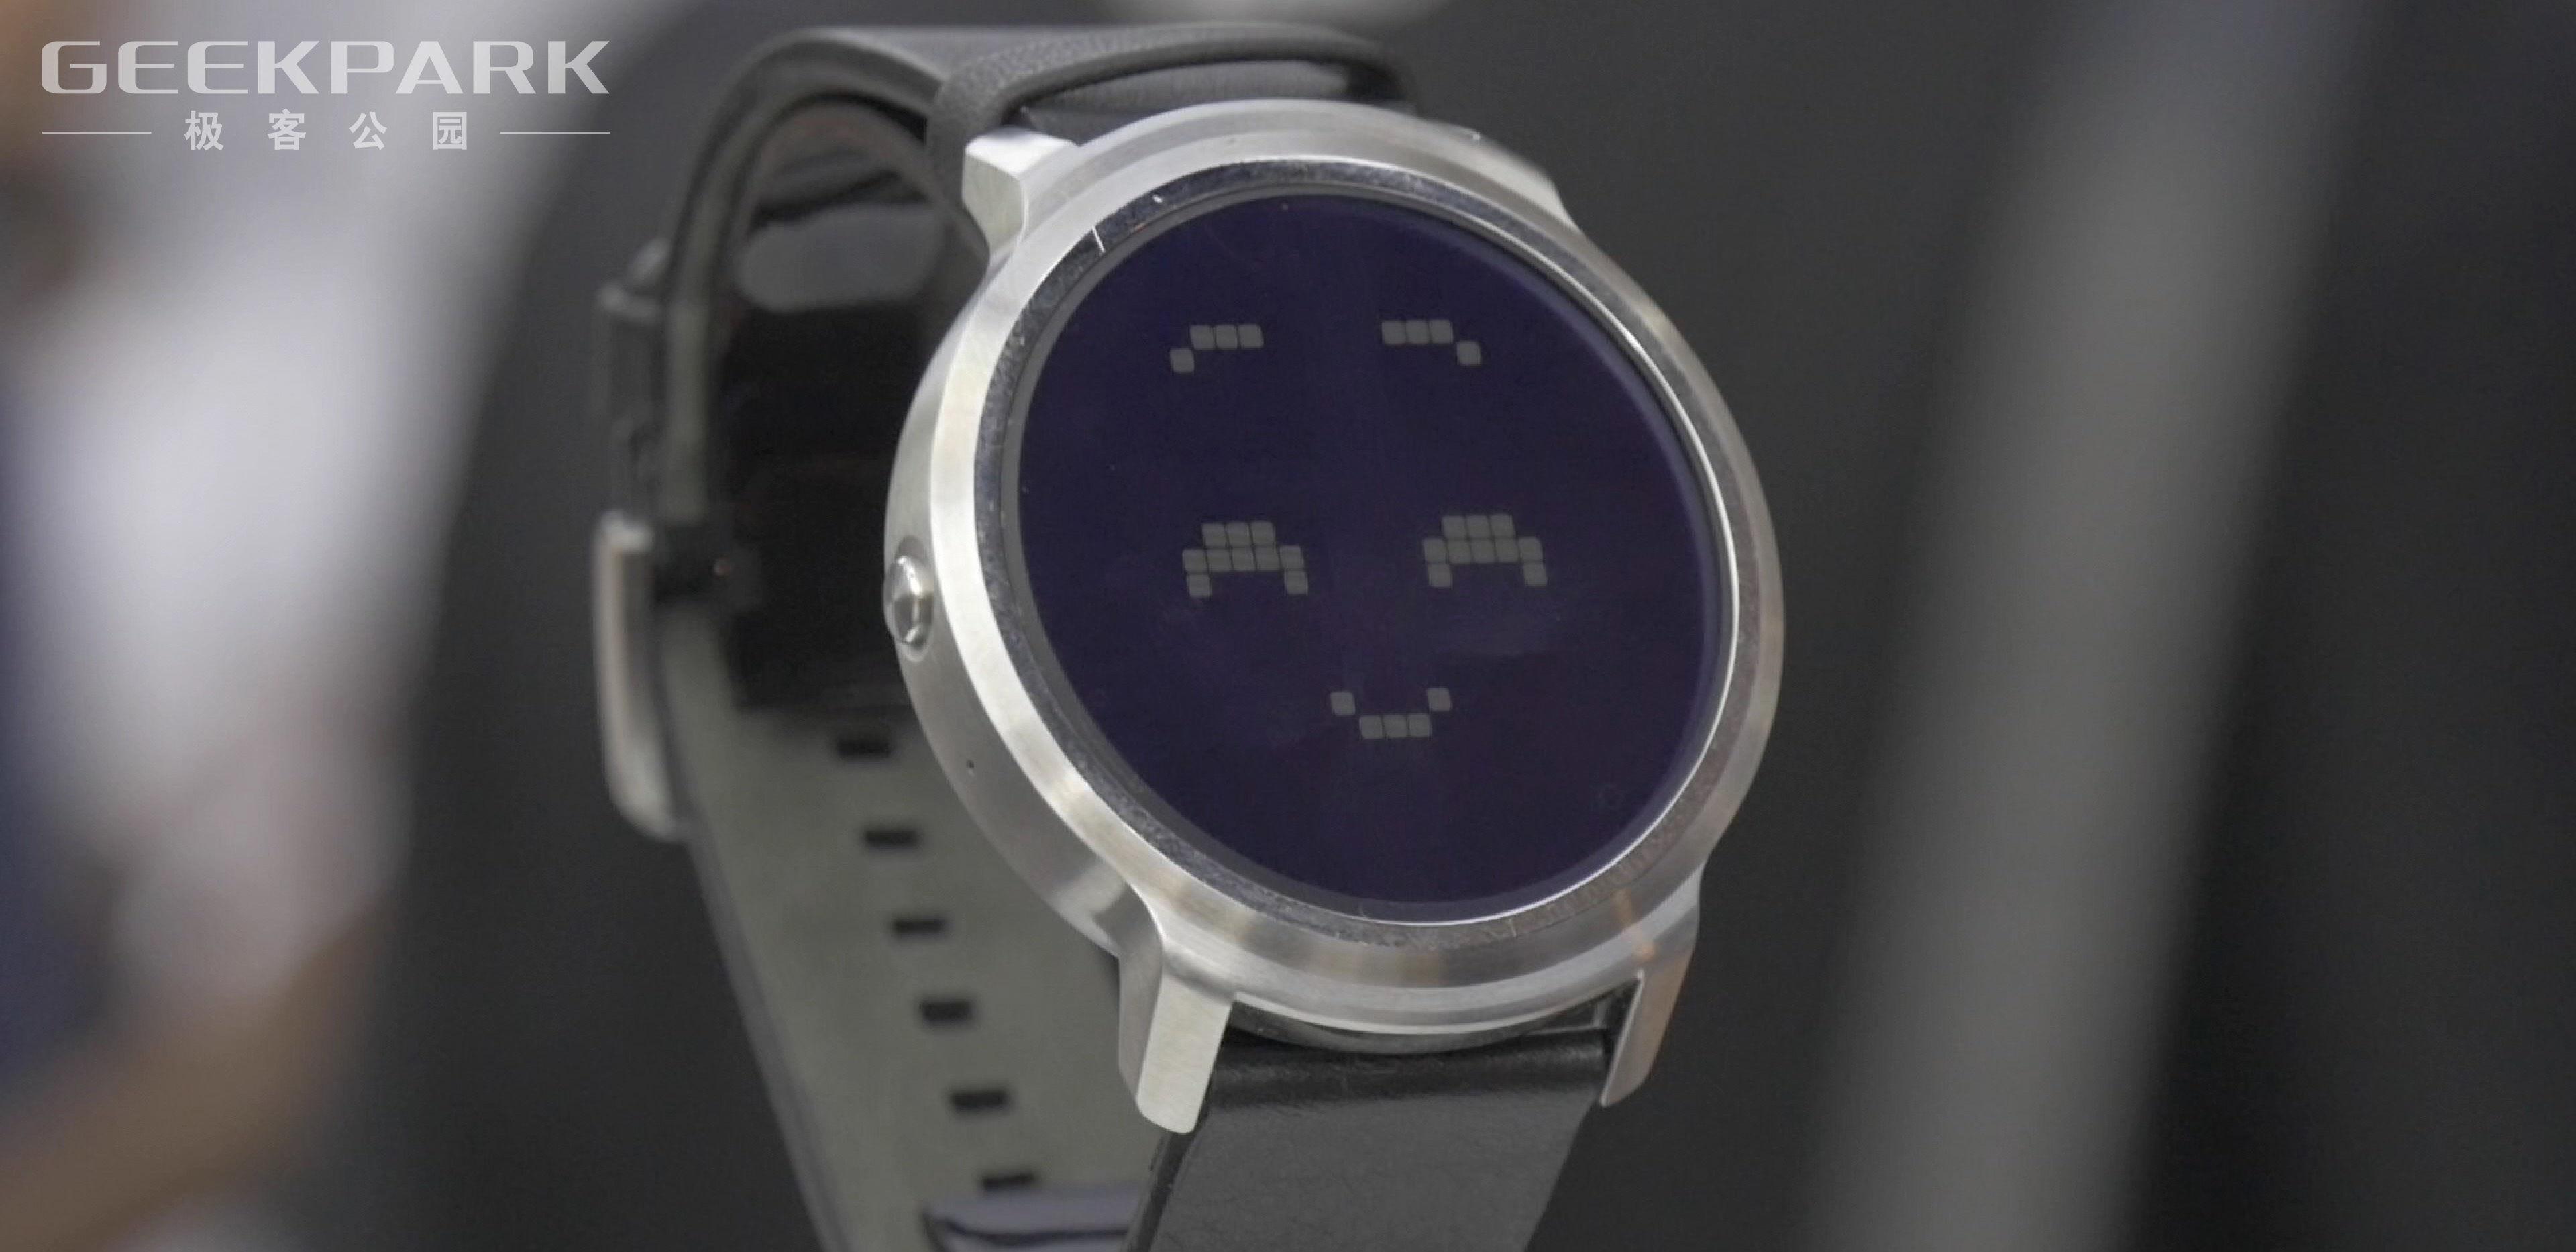 这家软件公司做出了除 Apple Watch 外目前可能是最好的智能手表